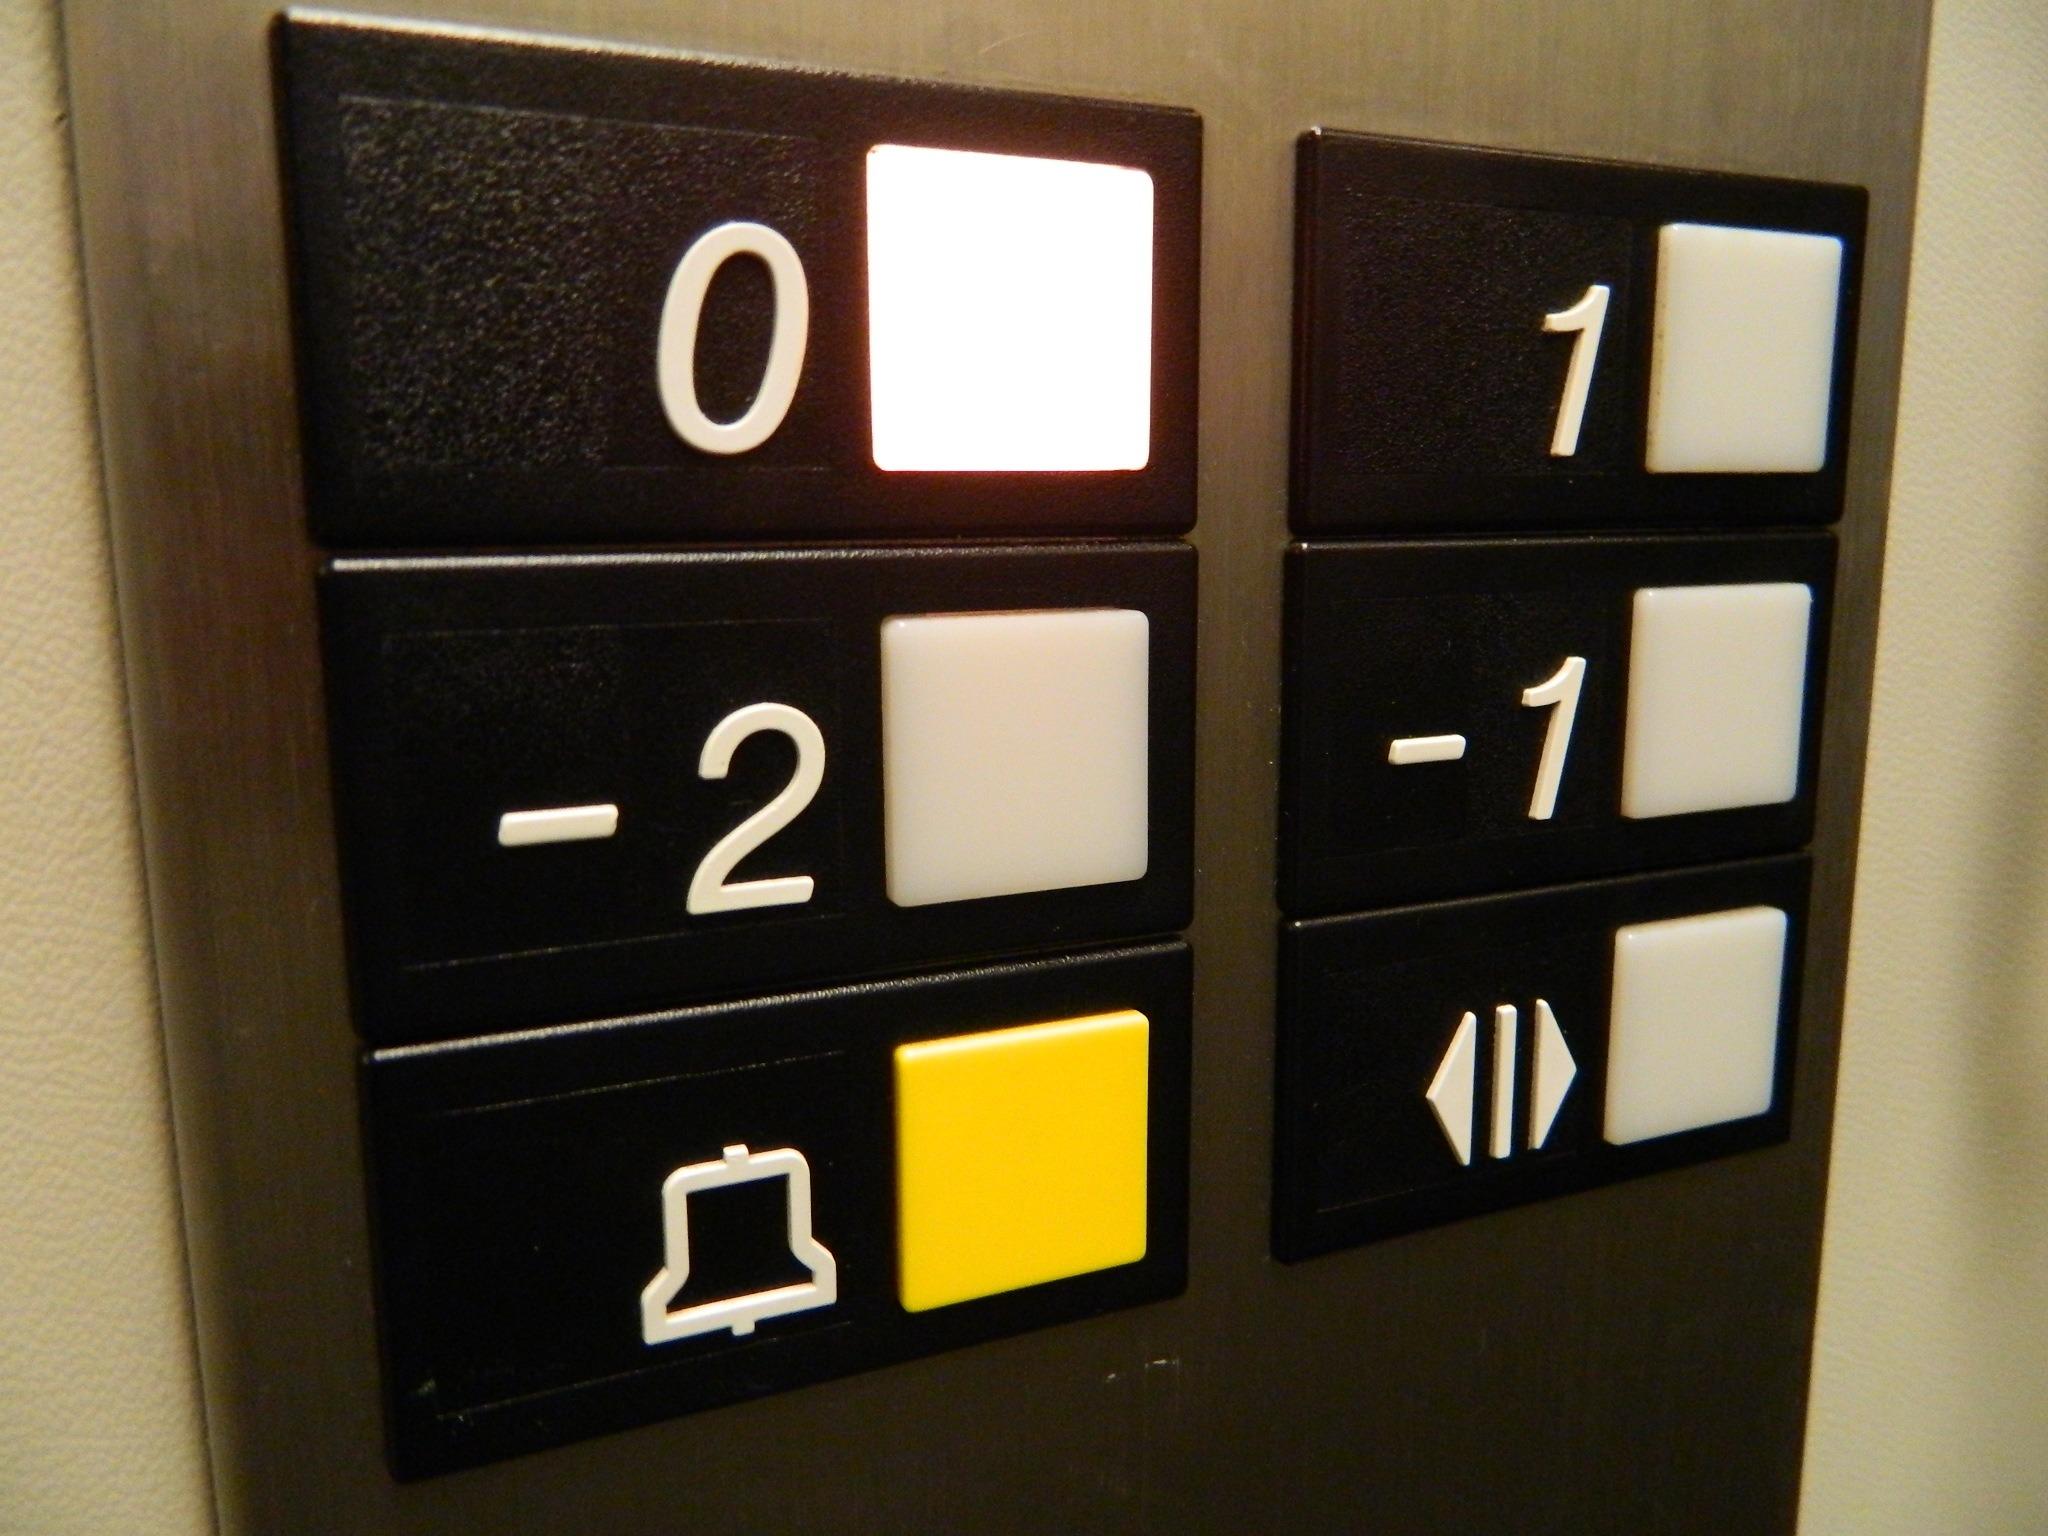 ground floor elevator button lit